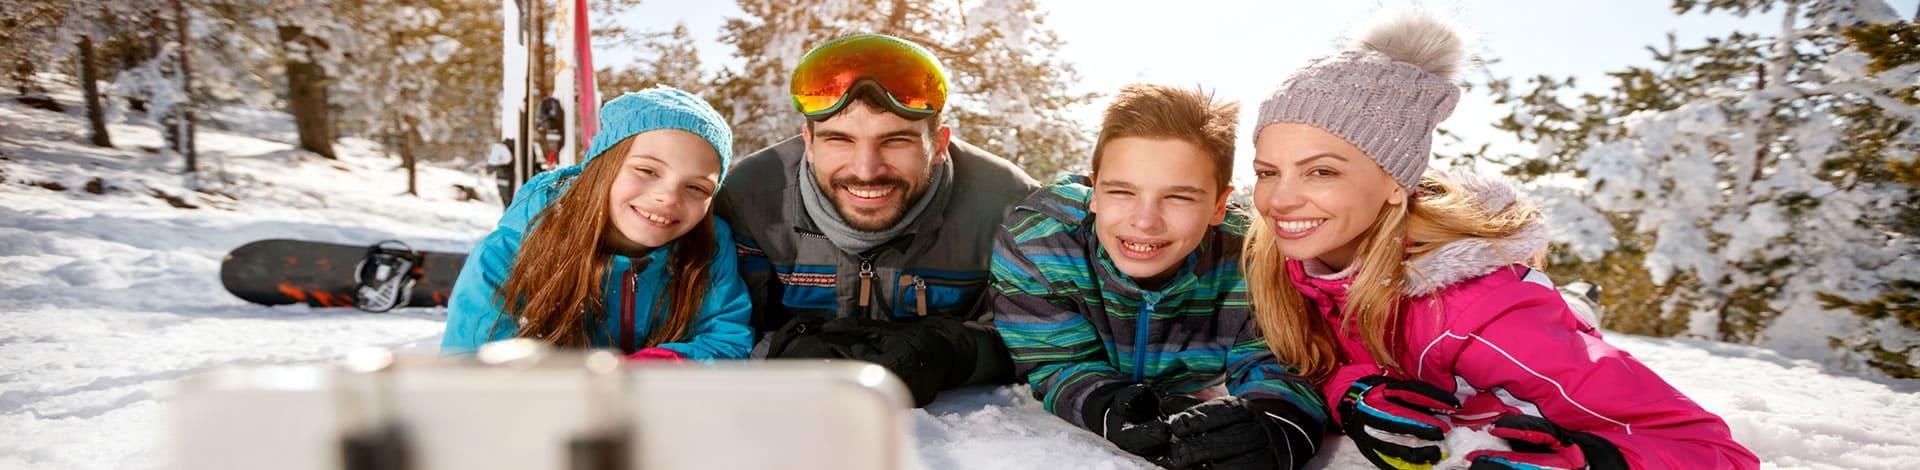 Inpaklijst voor skivakanties met familie